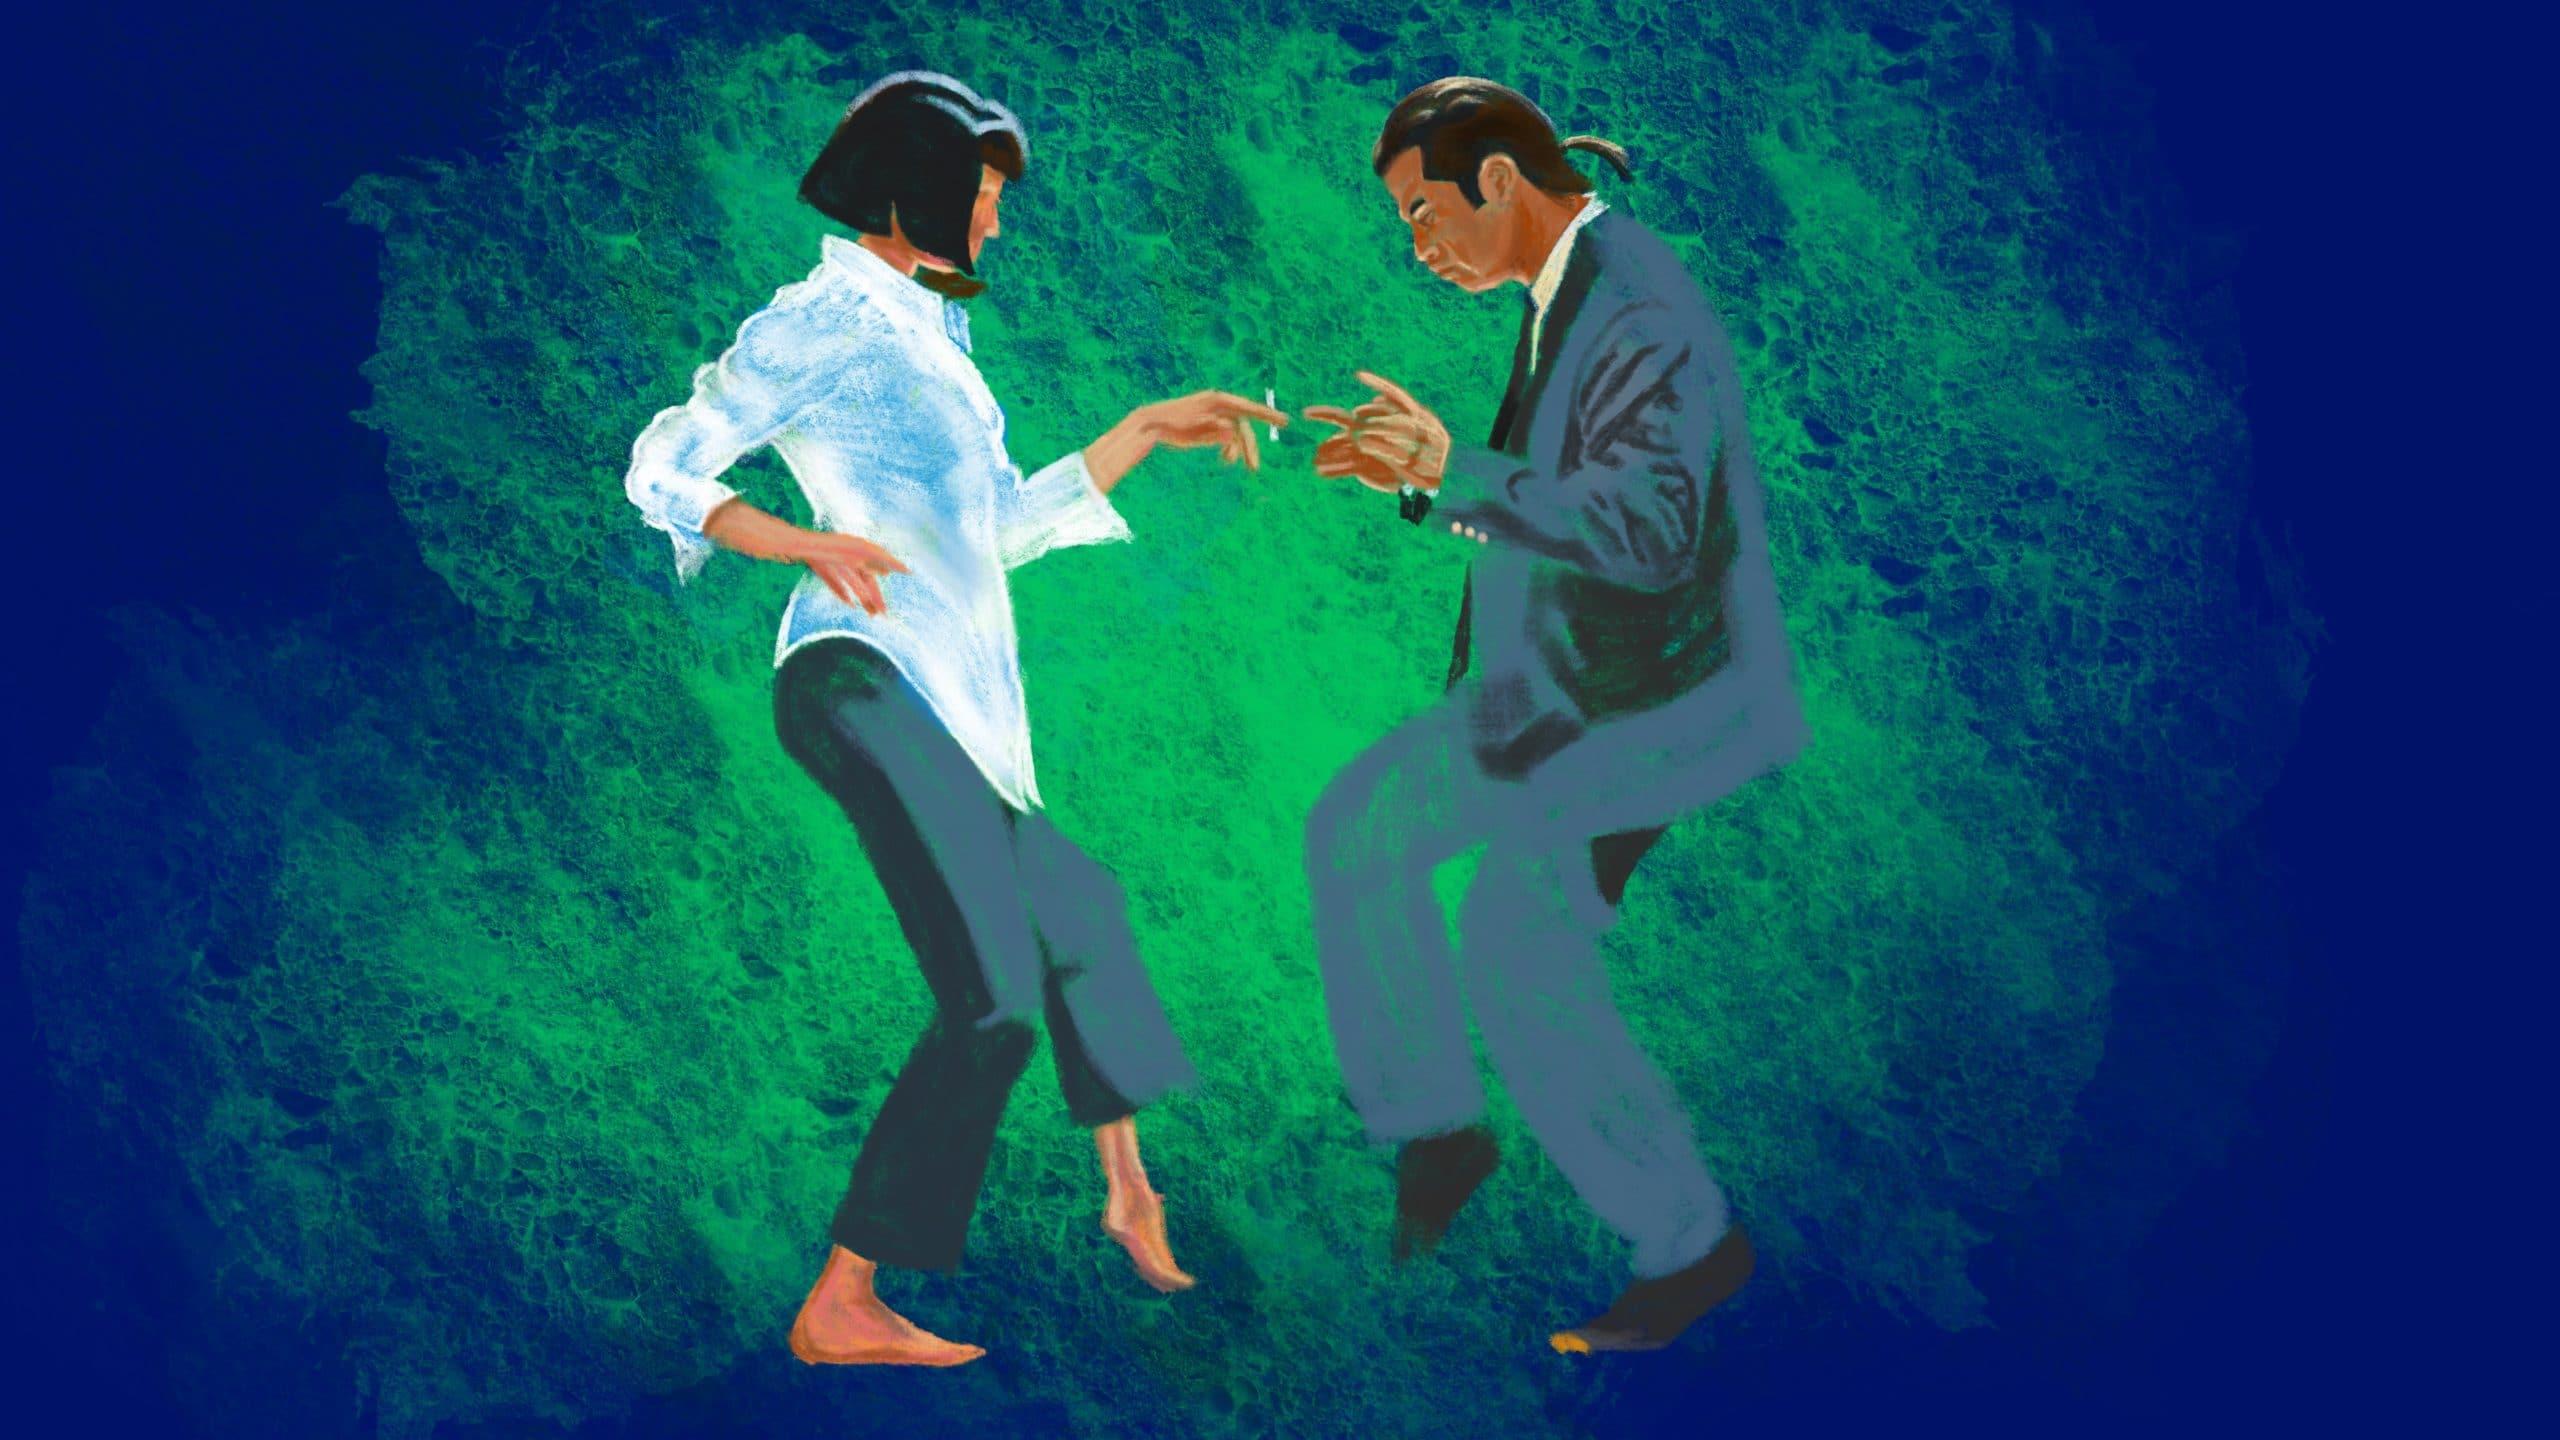 Pulp Fiction: Vincent Vega & Mia Dance Procreate Pastel Tutorial – Part 1